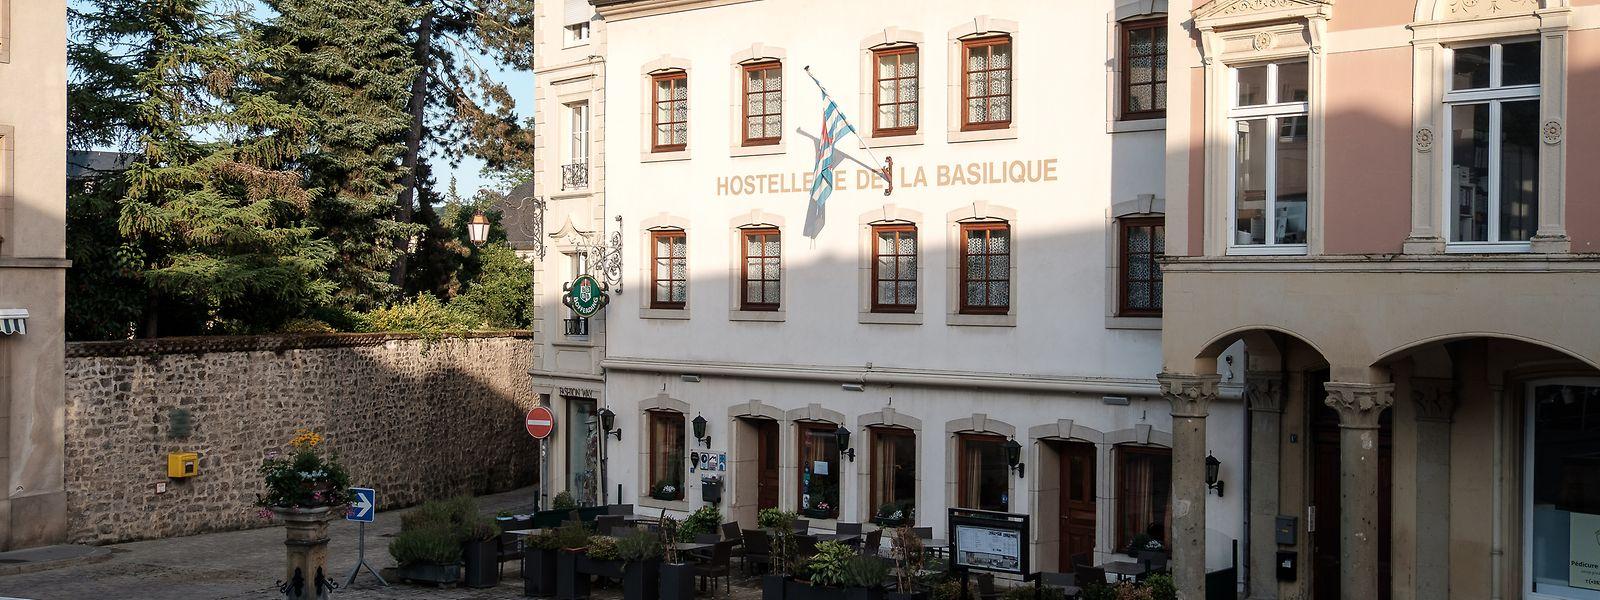 Dieses Hotel am Echternacher Marktplatz schließt im Oktober. Laut den Ergebnissen der Studie werden viele, besonders kleinere Betriebe im Müllerthal folgen.